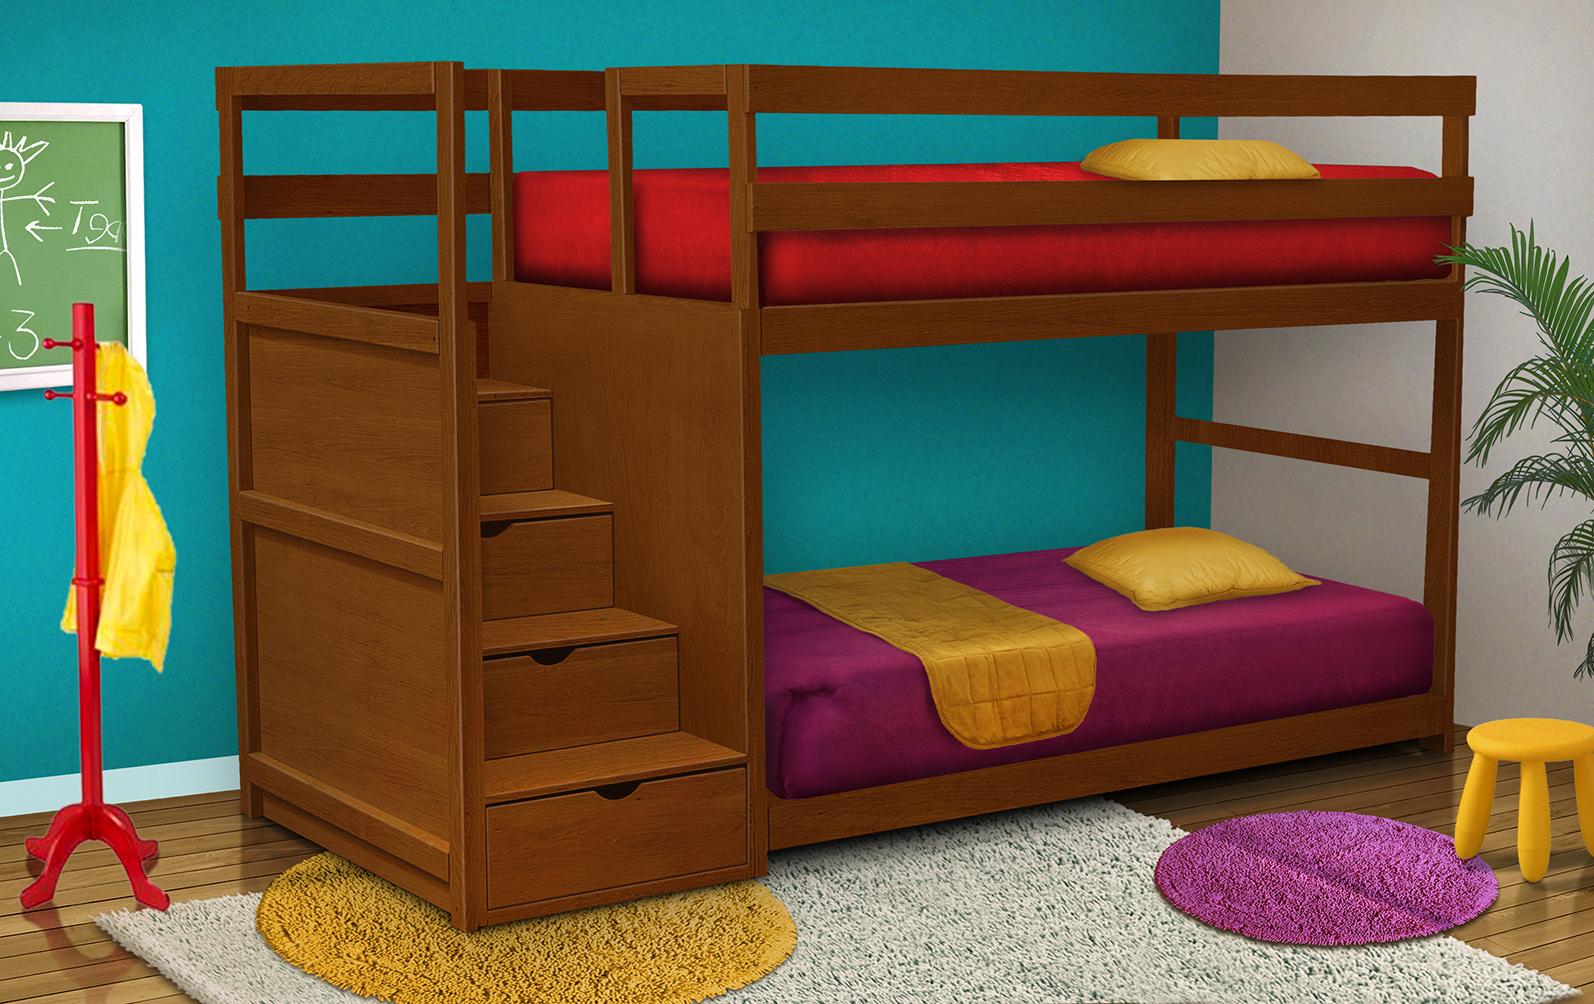 Muebleria zambrano muebles minimalista guadalajara camas for Mueblerias en guadalajara minimalistas